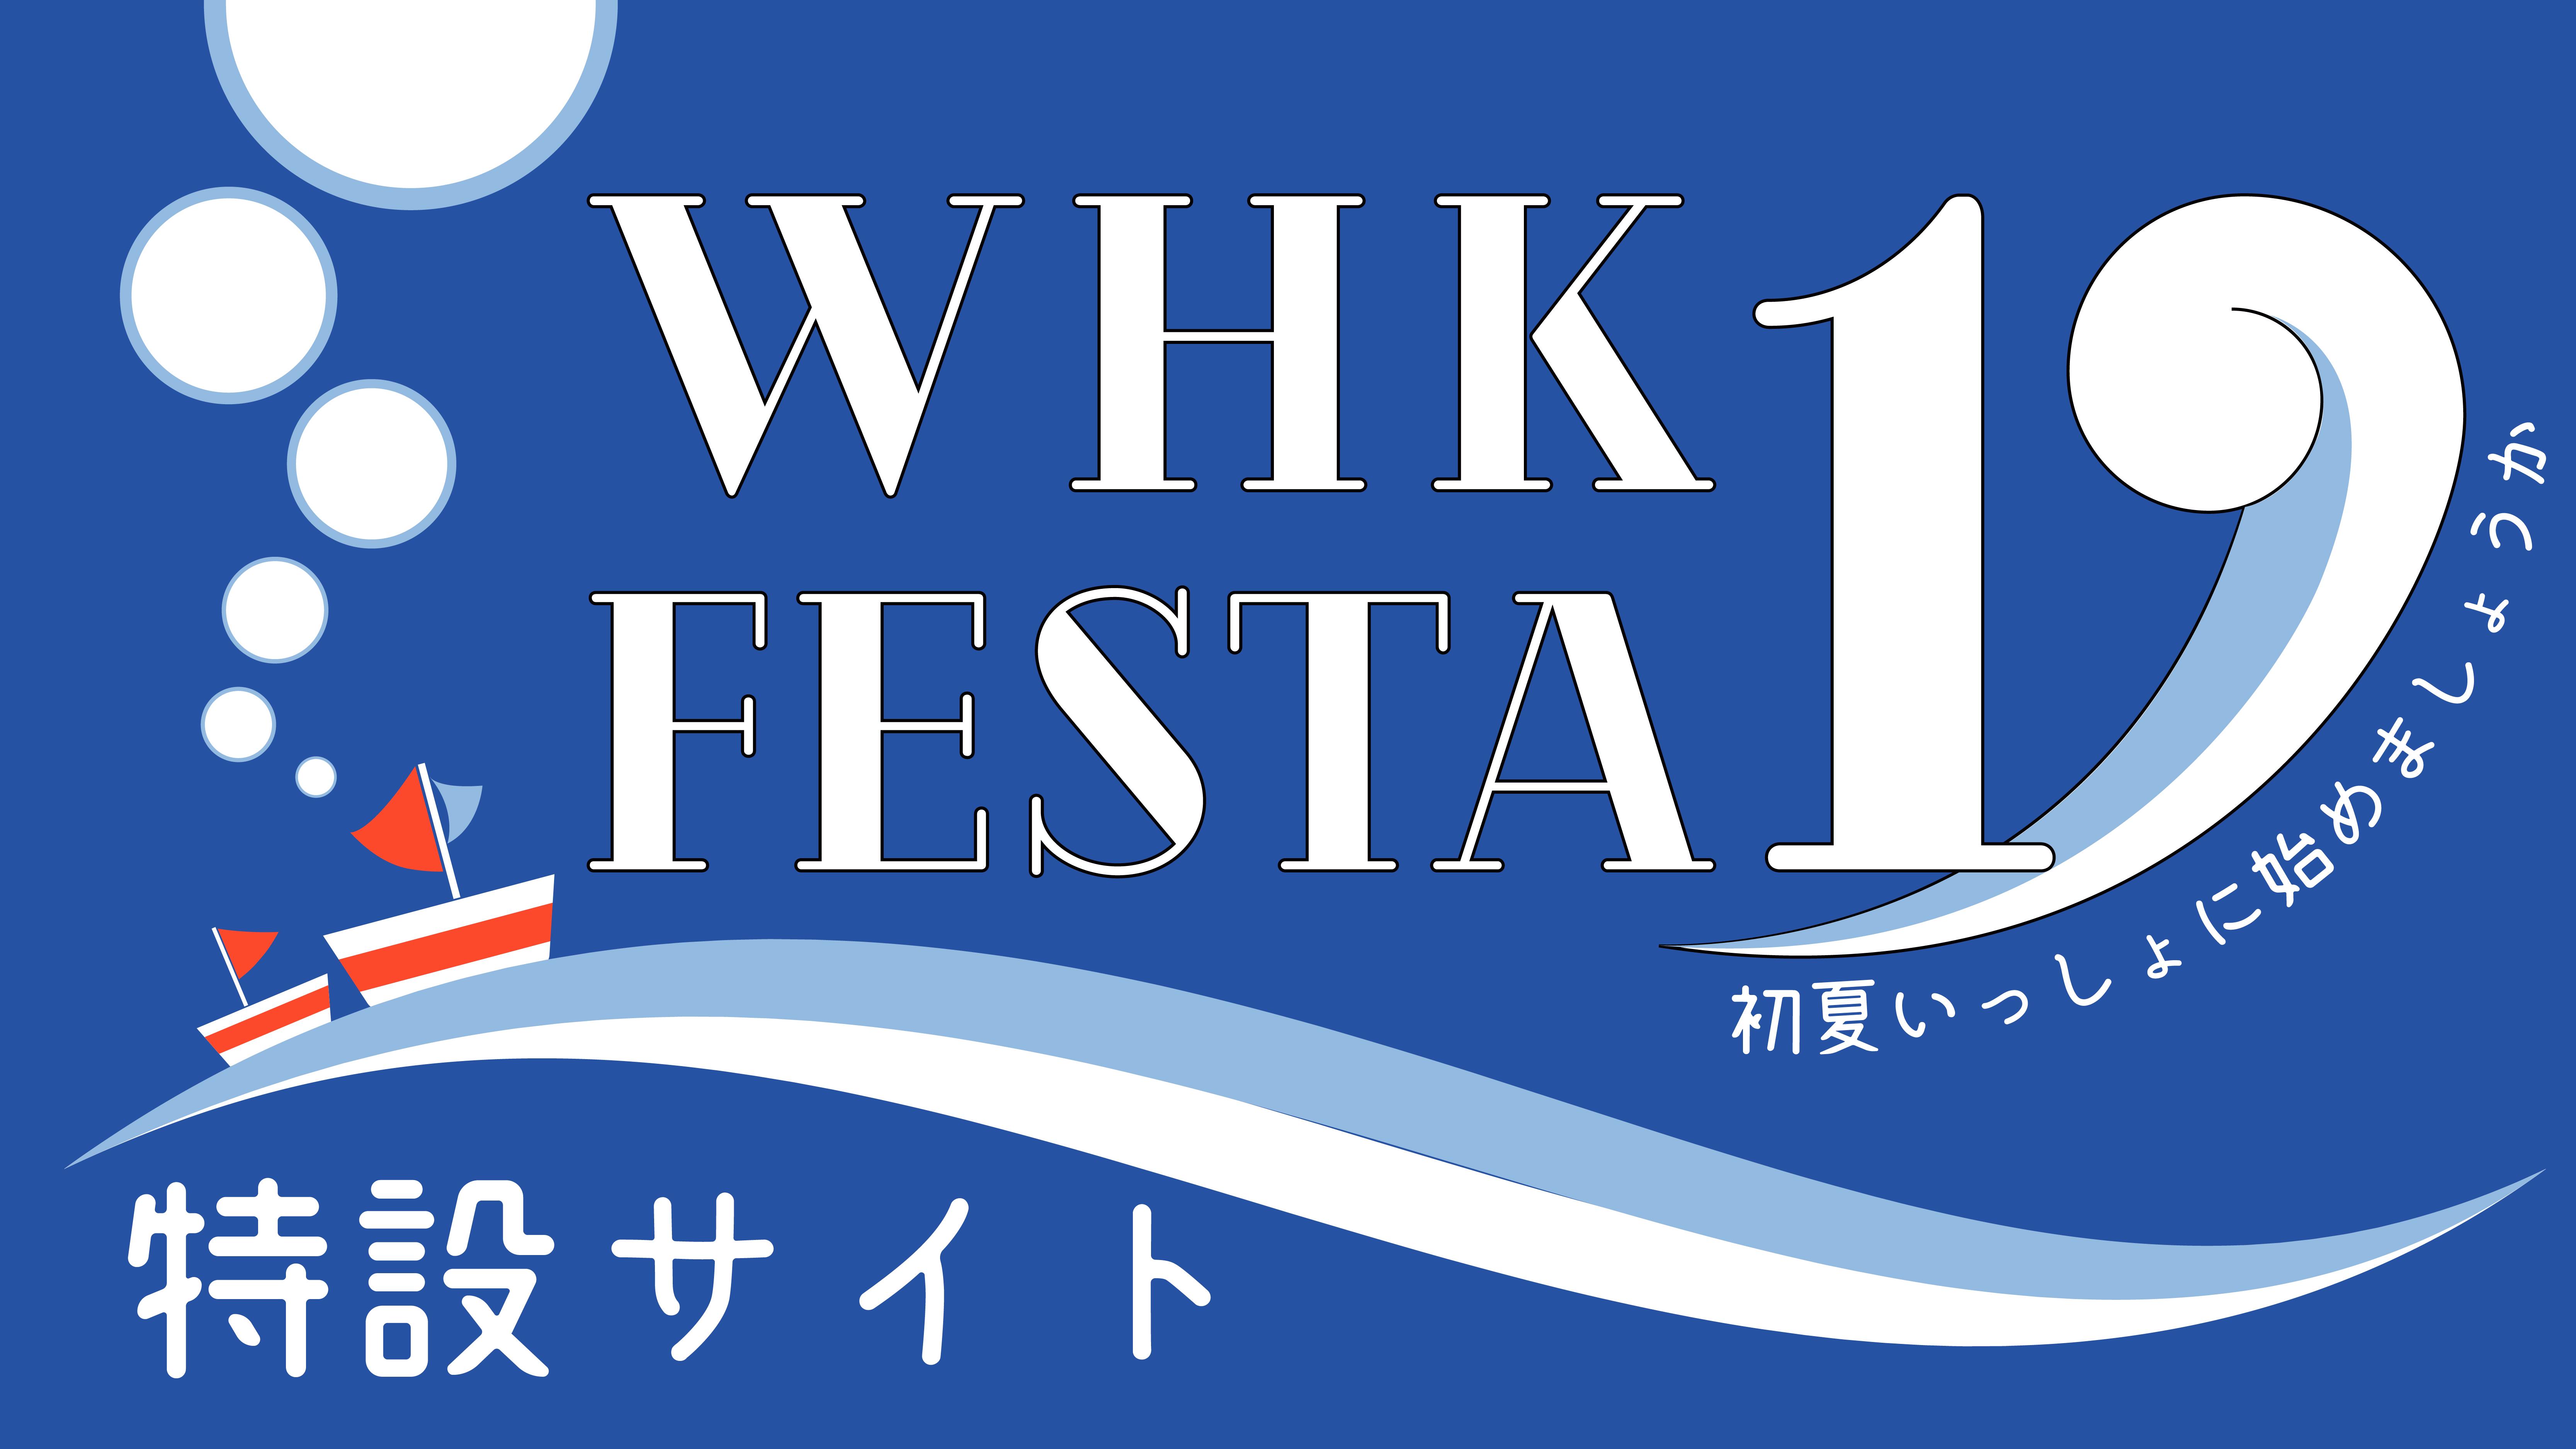 WHK FESTA'19 特設サイト